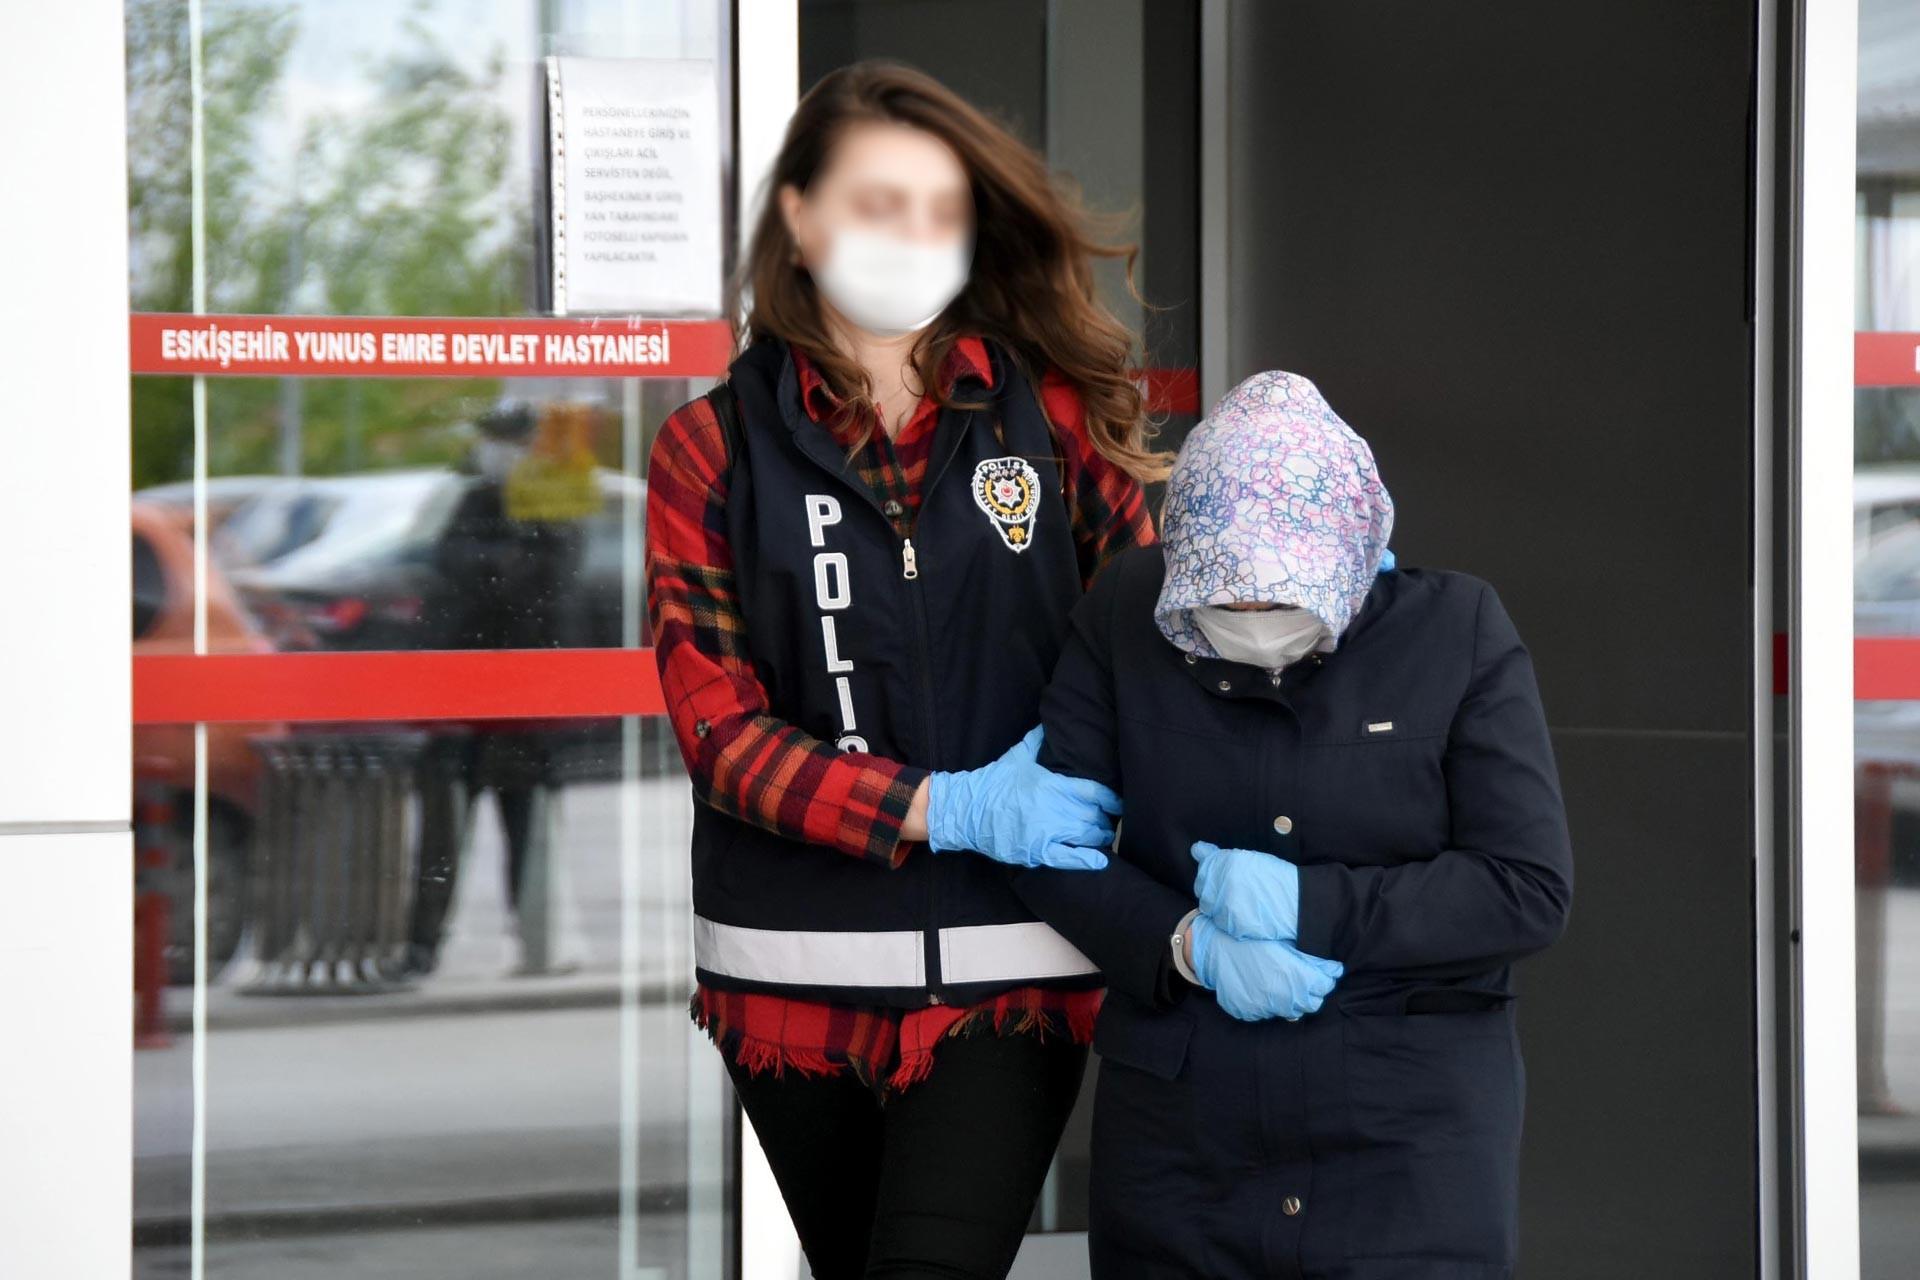 Eskişehir'de 14 yaşındaki kızına cinsel istismarda bulunduğu için tutuklanan kadın polis memuru eşliğinde hastaneden çıkarılırken.